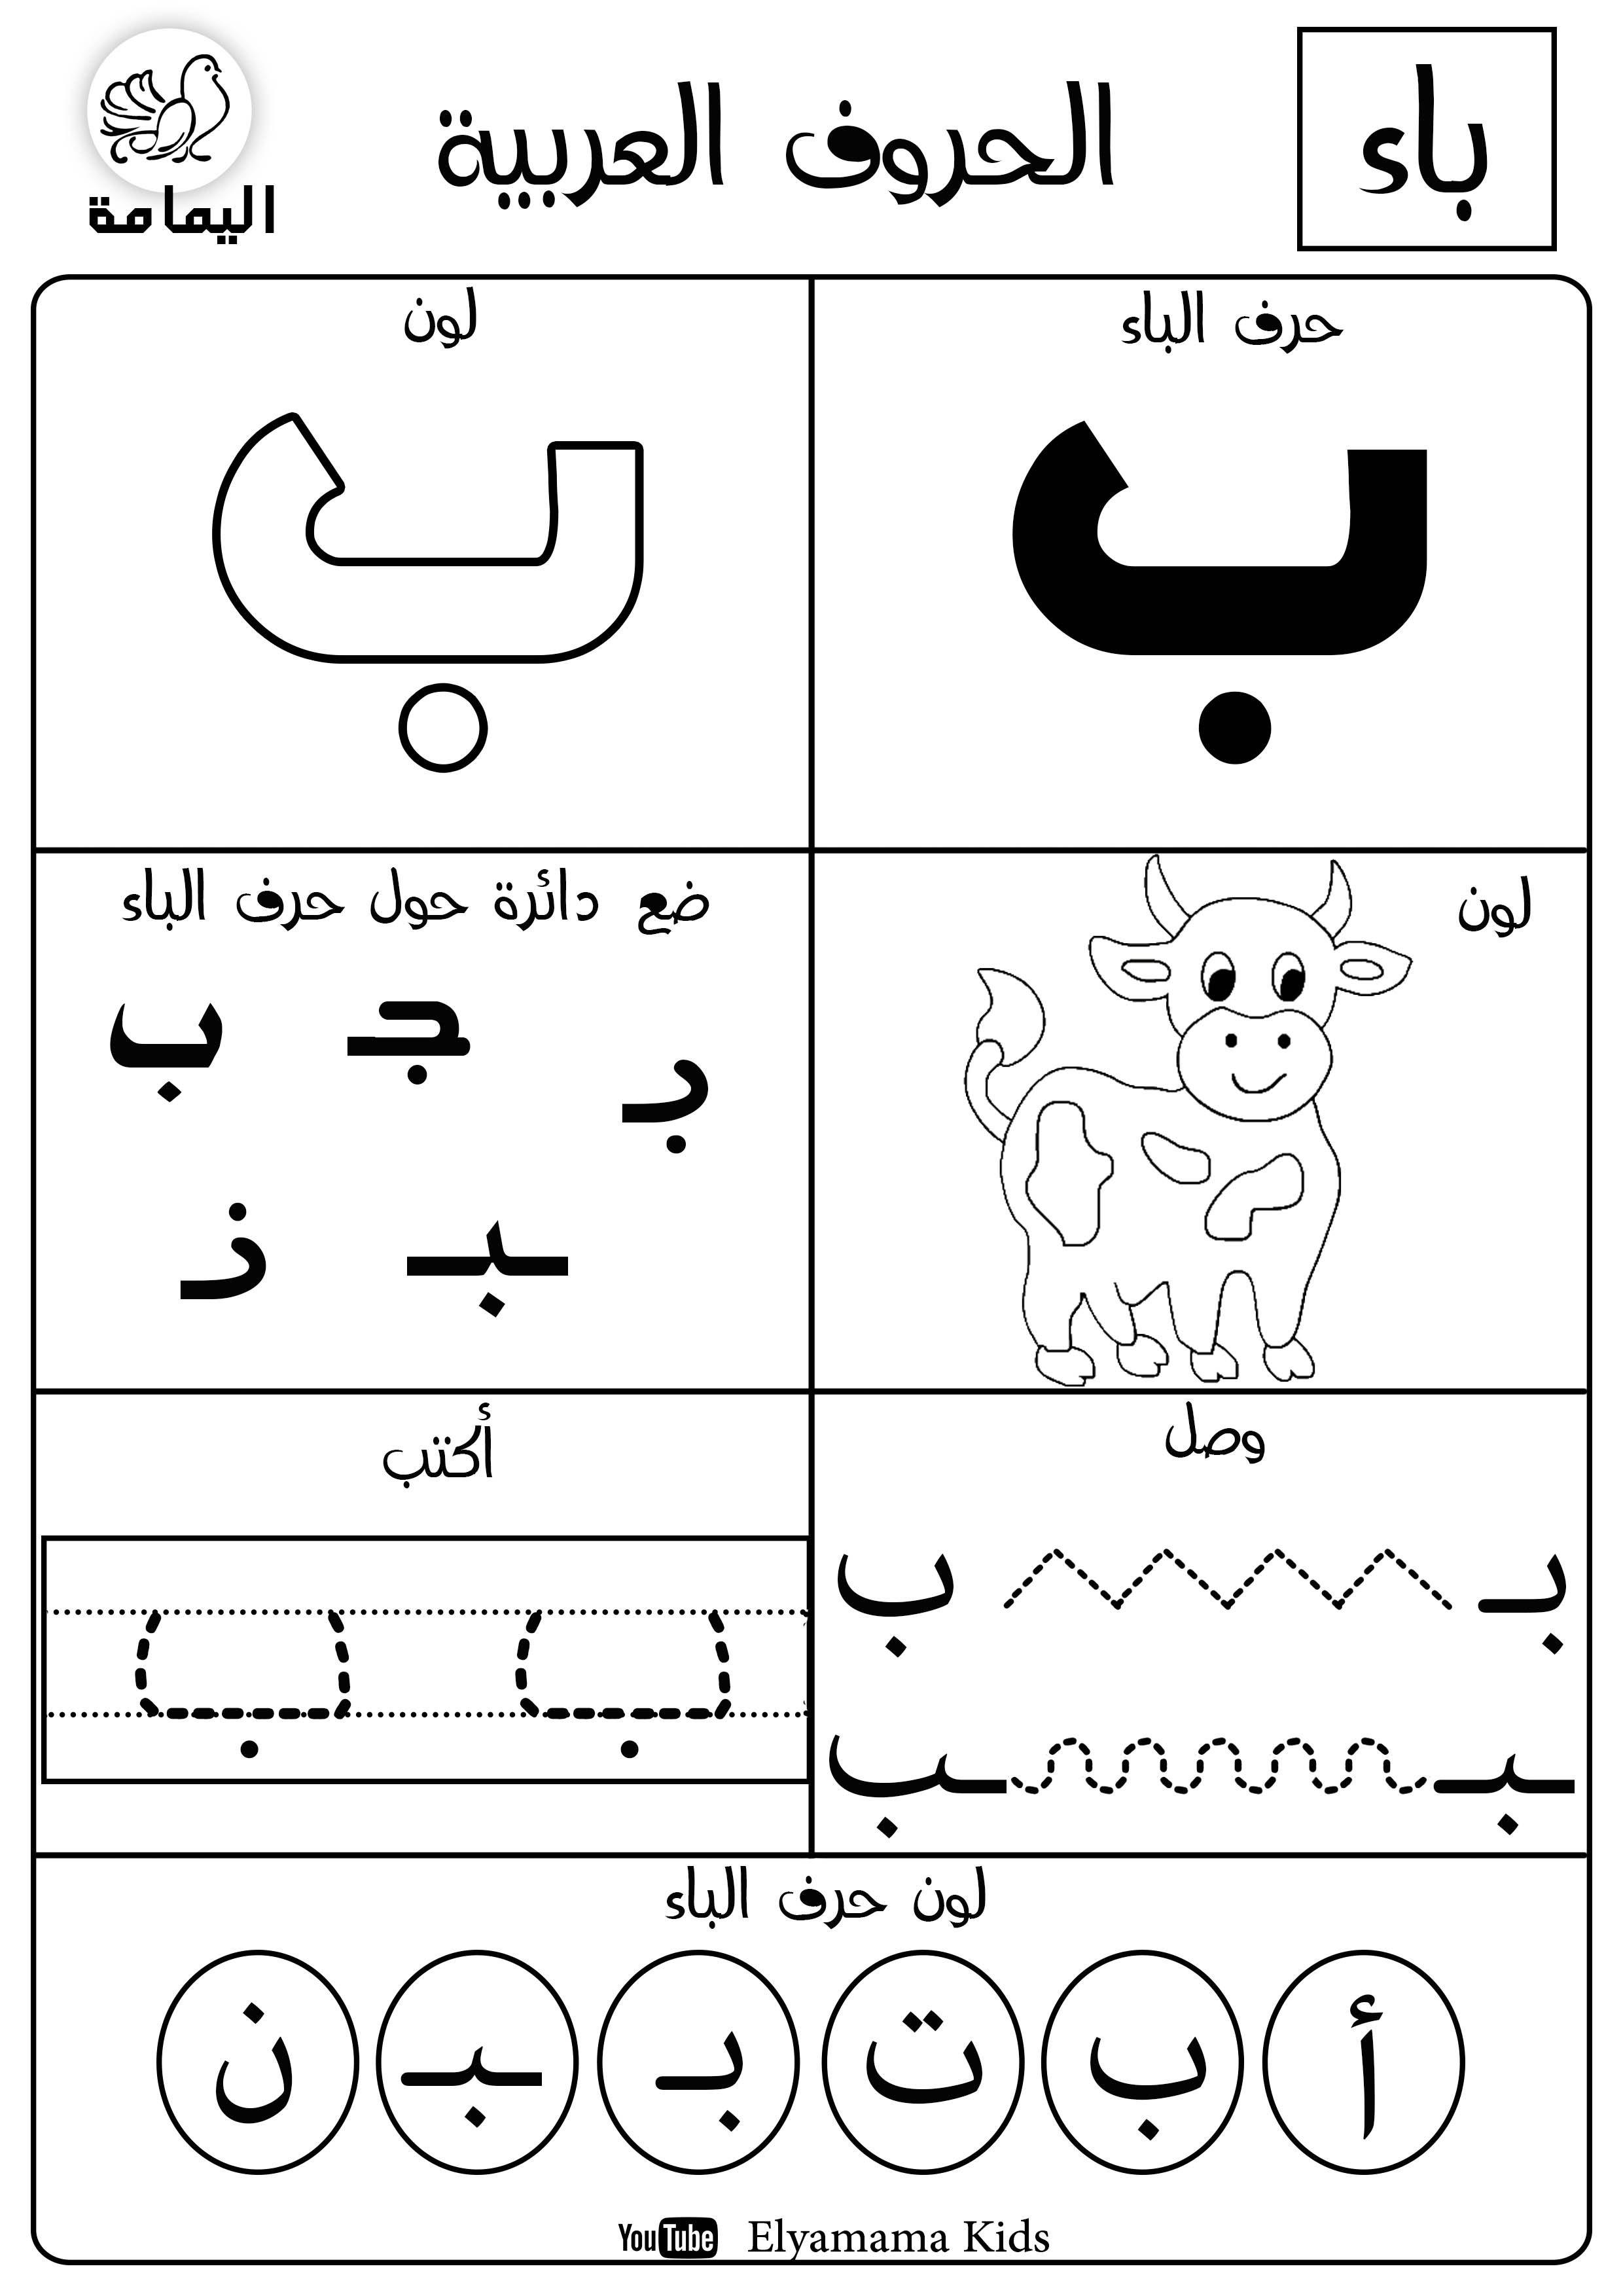 باء استراتيجيات تعليم أطفال أطفال الروضة روضتي مدرسة حروف عربي ألعاب عمل فني أطفال تع Arabic Alphabet Learn Arabic Alphabet Arabic Alphabet Letters